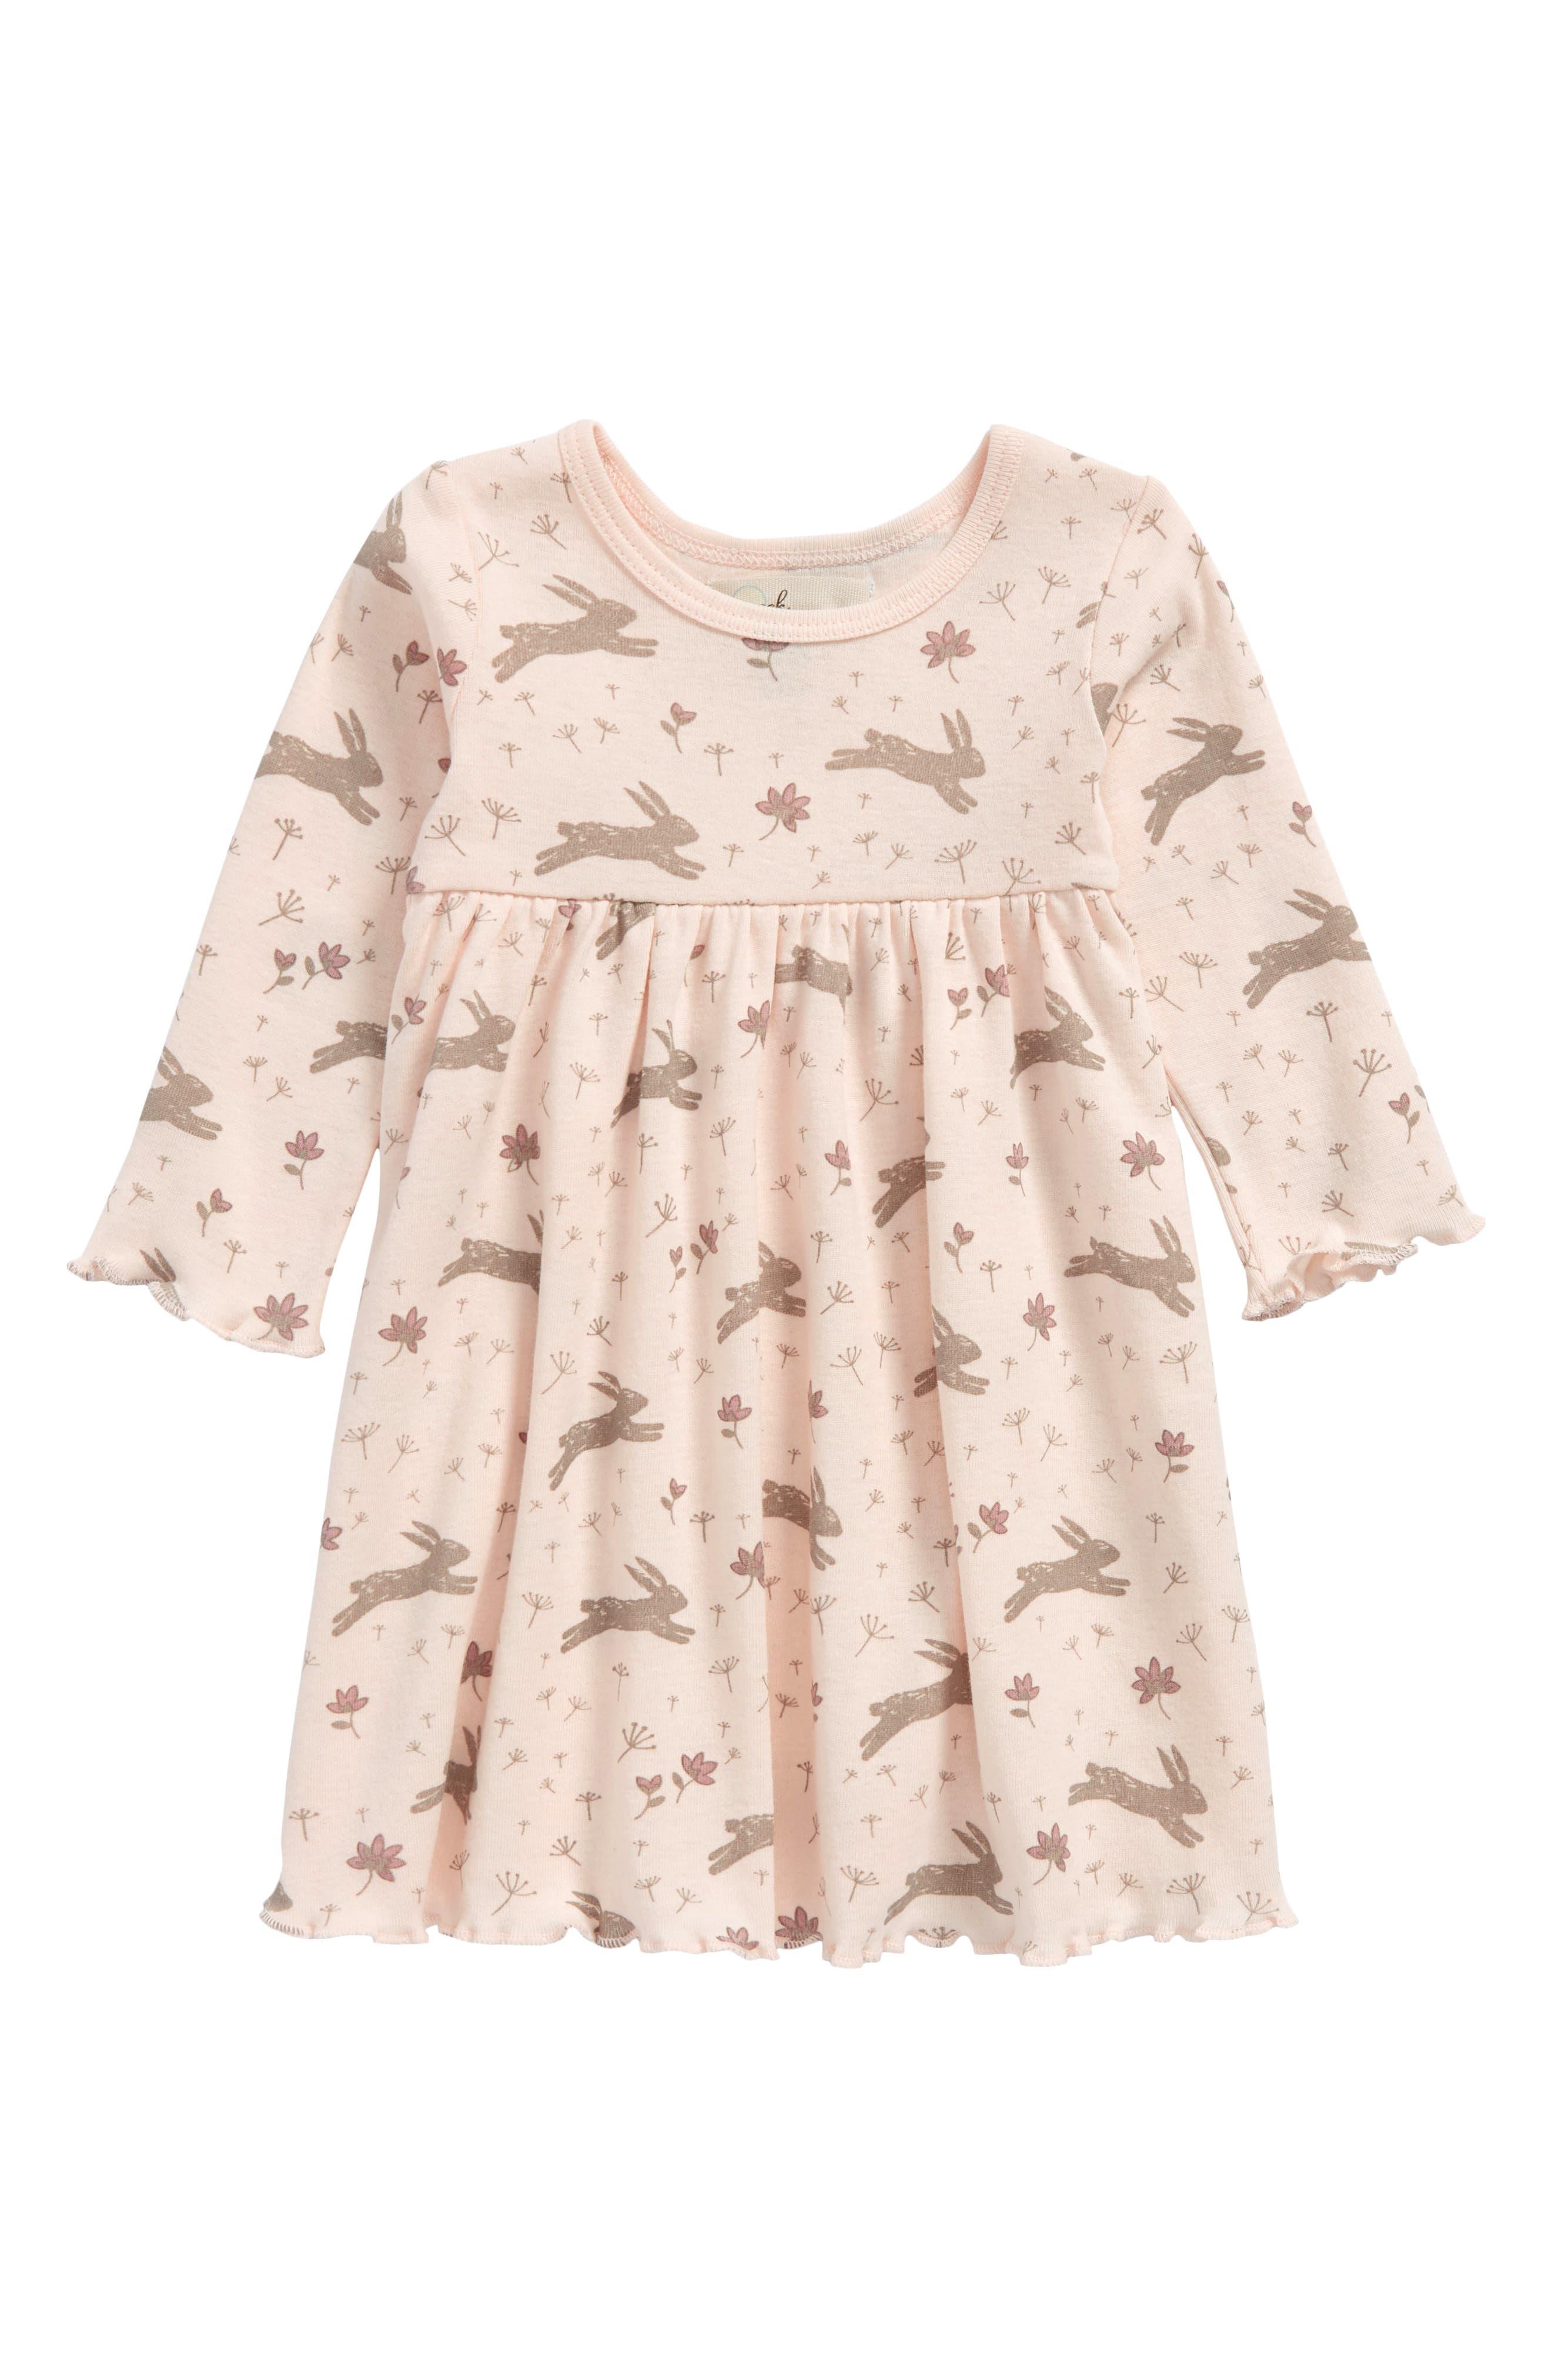 Peek Bunny Dress,                         Main,                         color, Light Pink